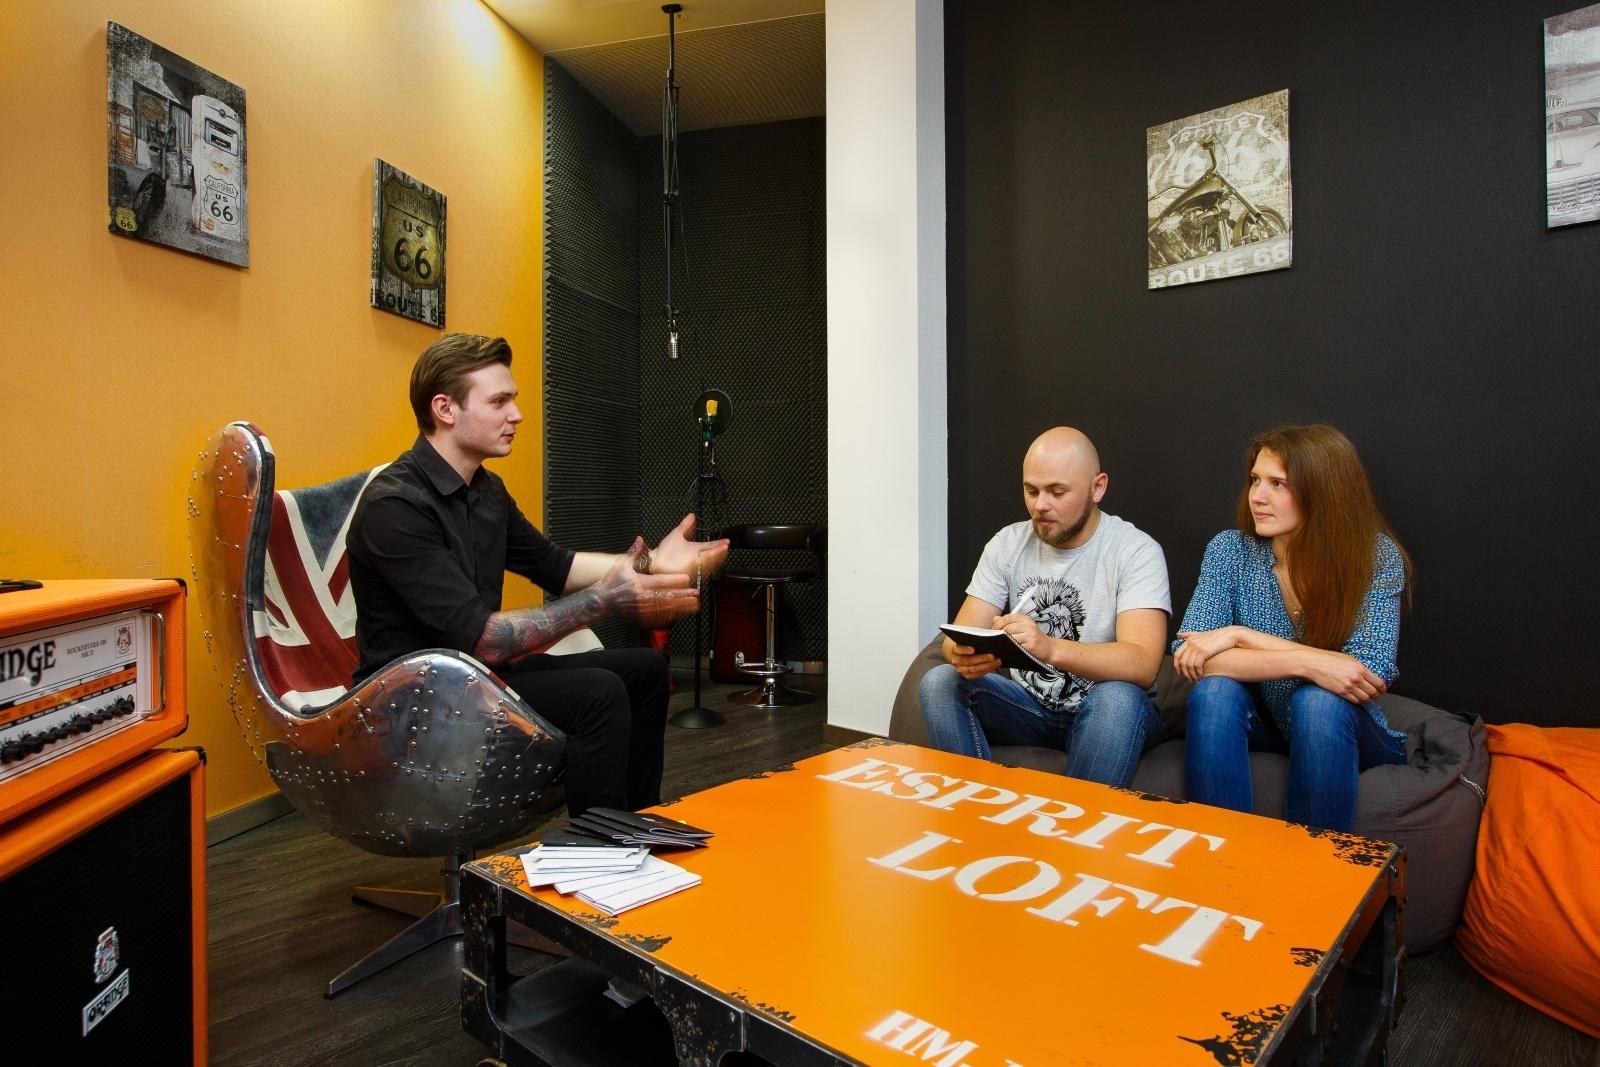 Офис Plarium Kharkiv: здесь мы разрабатываем игры - 7